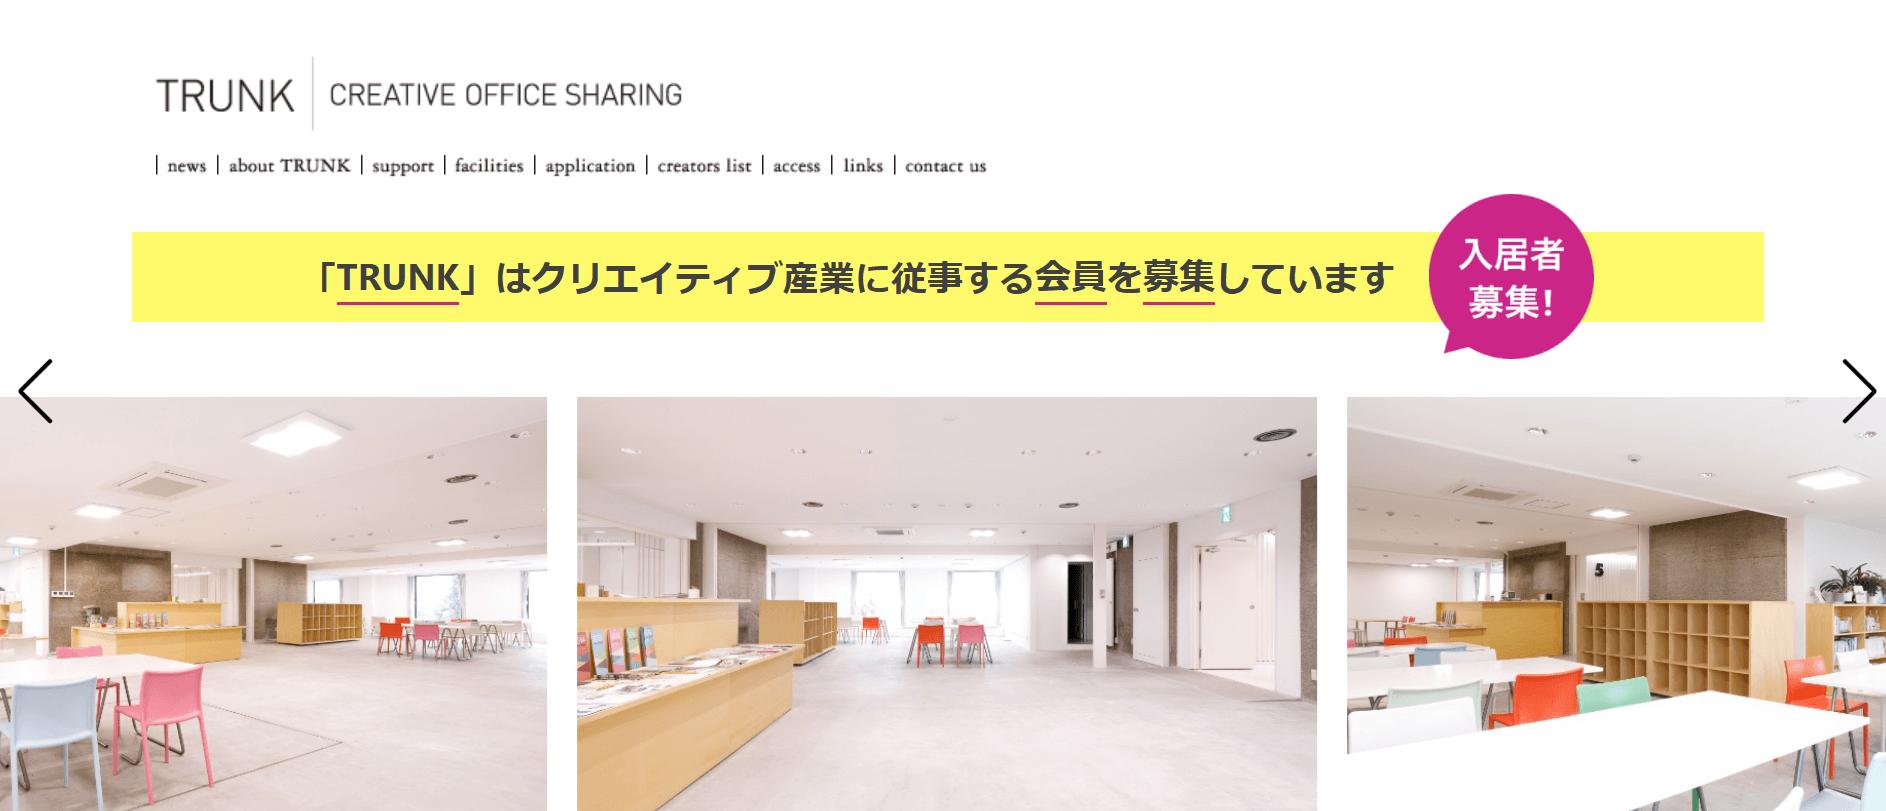 仙台市若林区にある人気・おすすめの格安コワーキングスペースTRUNK-Creative Office Sharing-